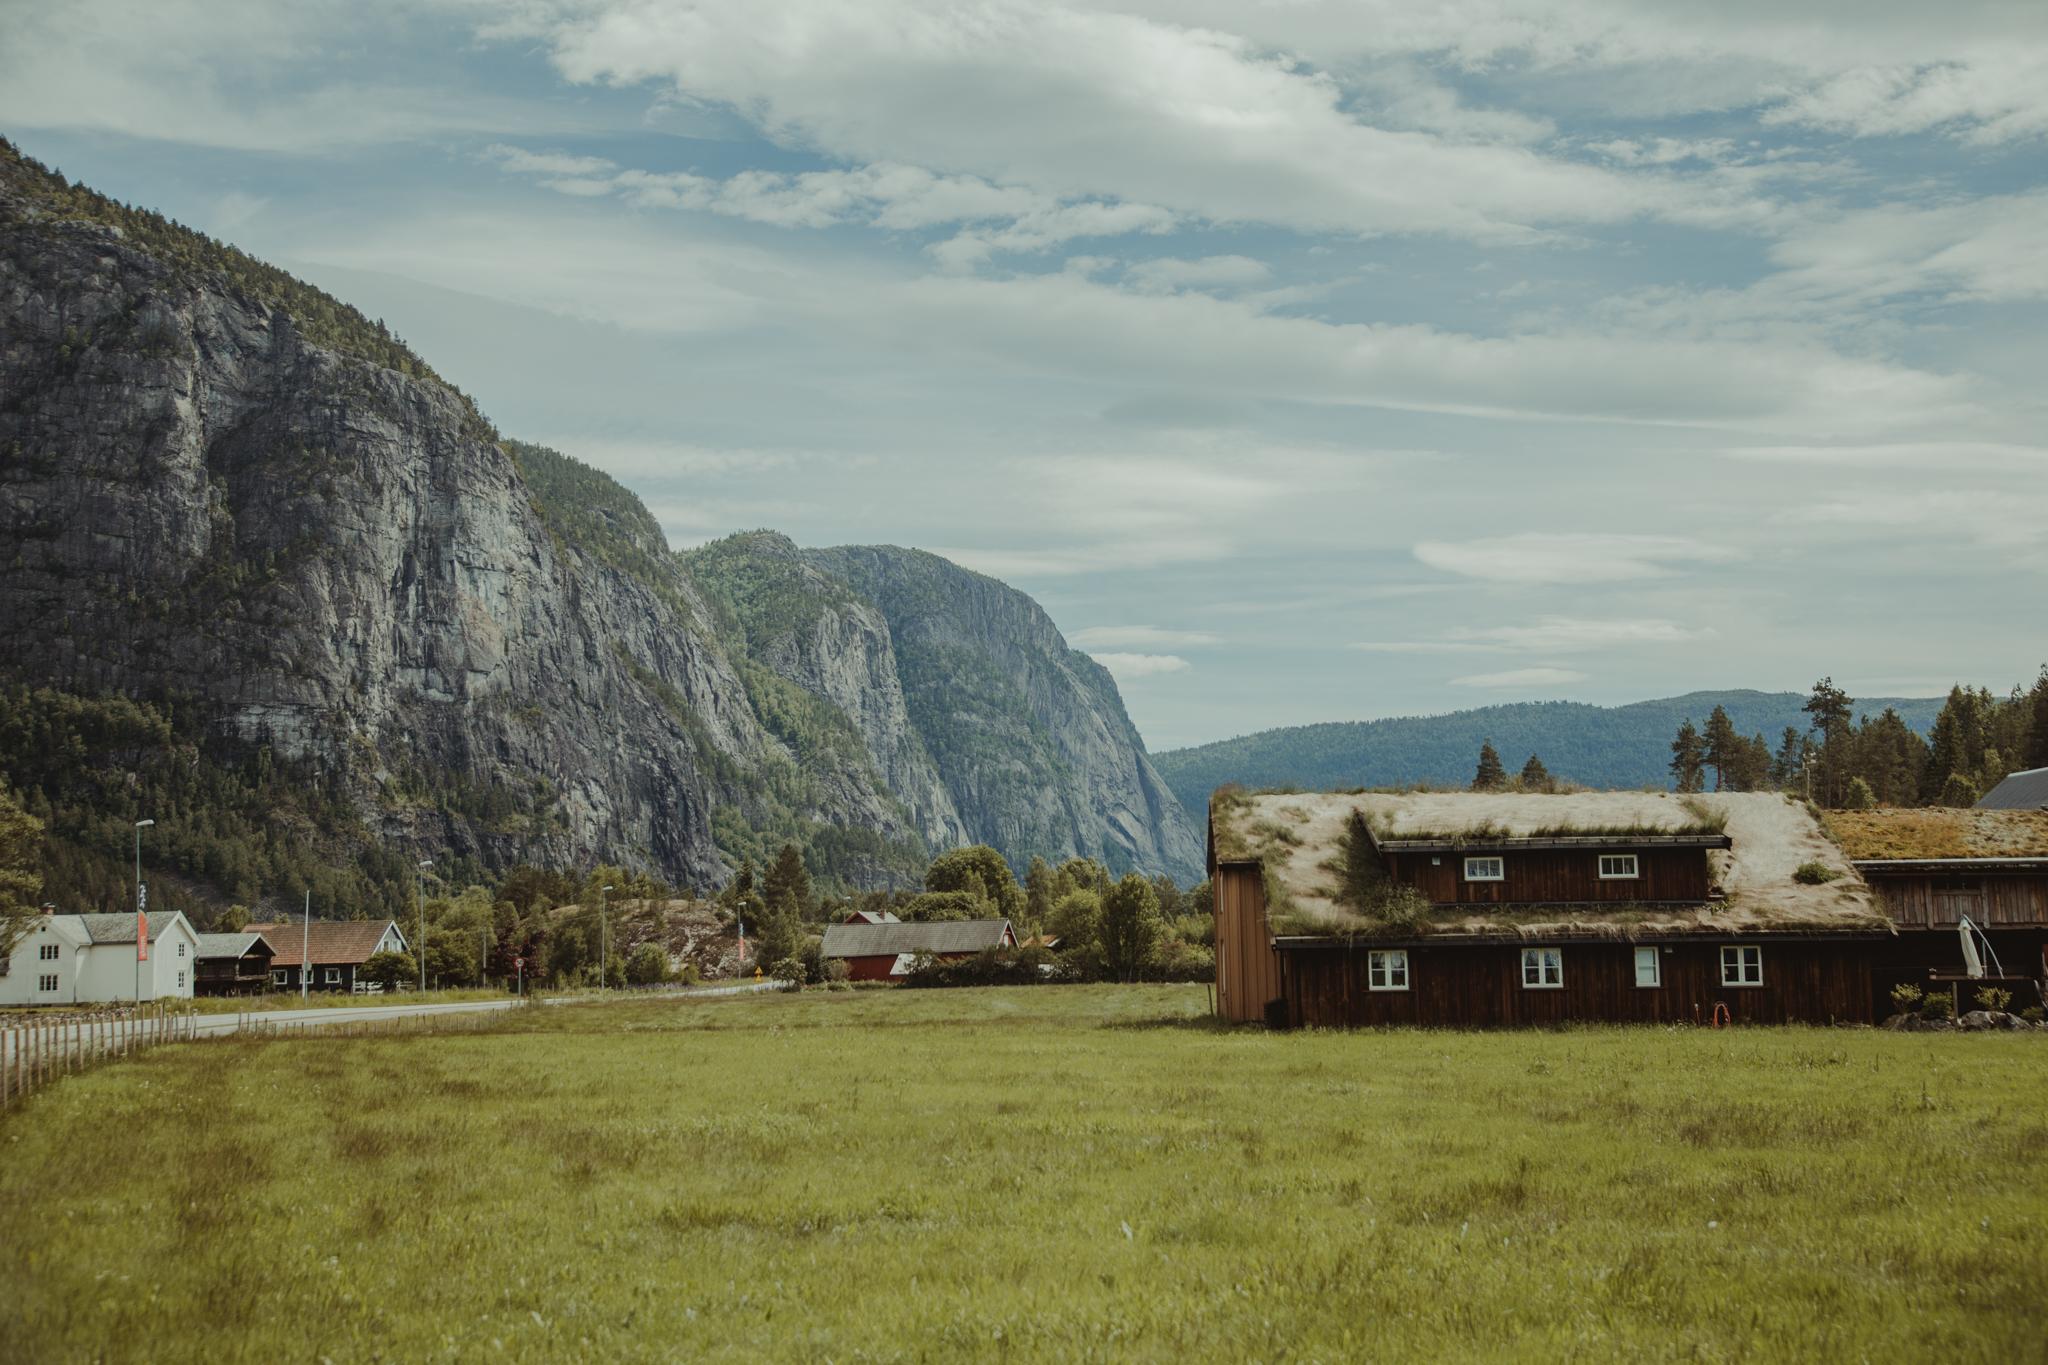 norwegia-co-zobaczyc-nordtrip-domek-z-trawa-na-dachu